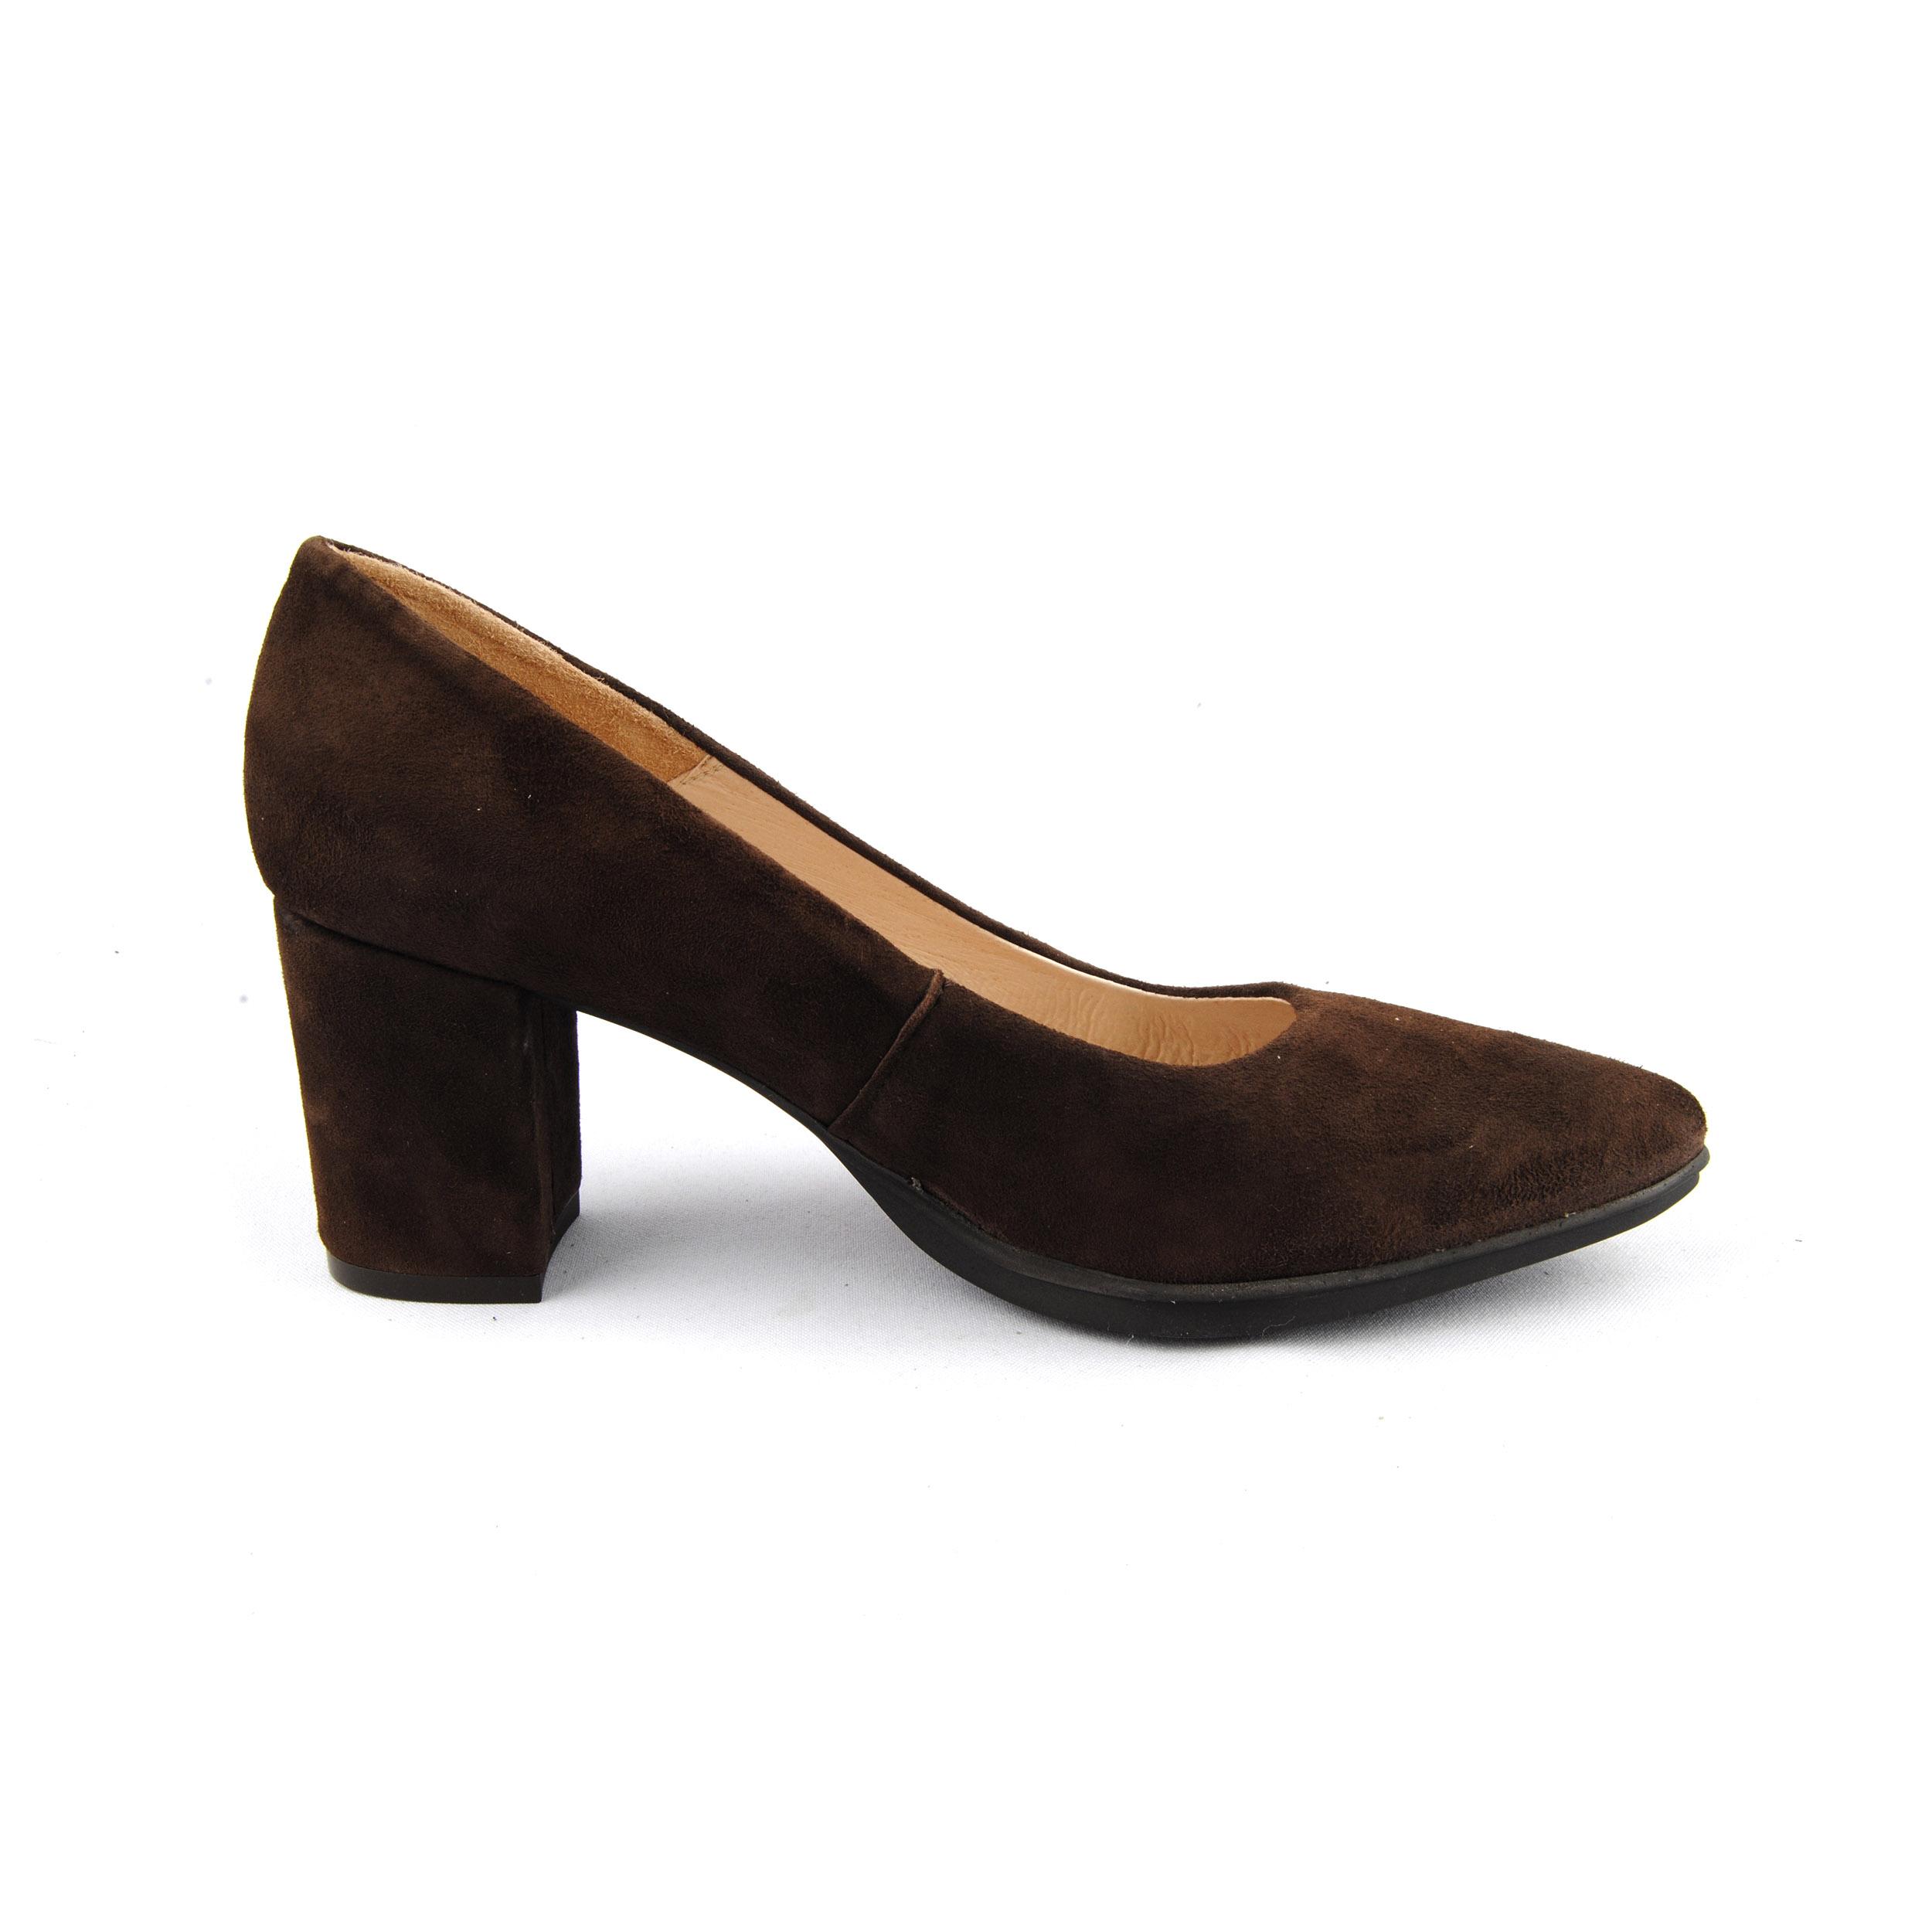 Sotoalto Zapato De Tacón De Ante Betho Marrón Tacón: 7,5 cm